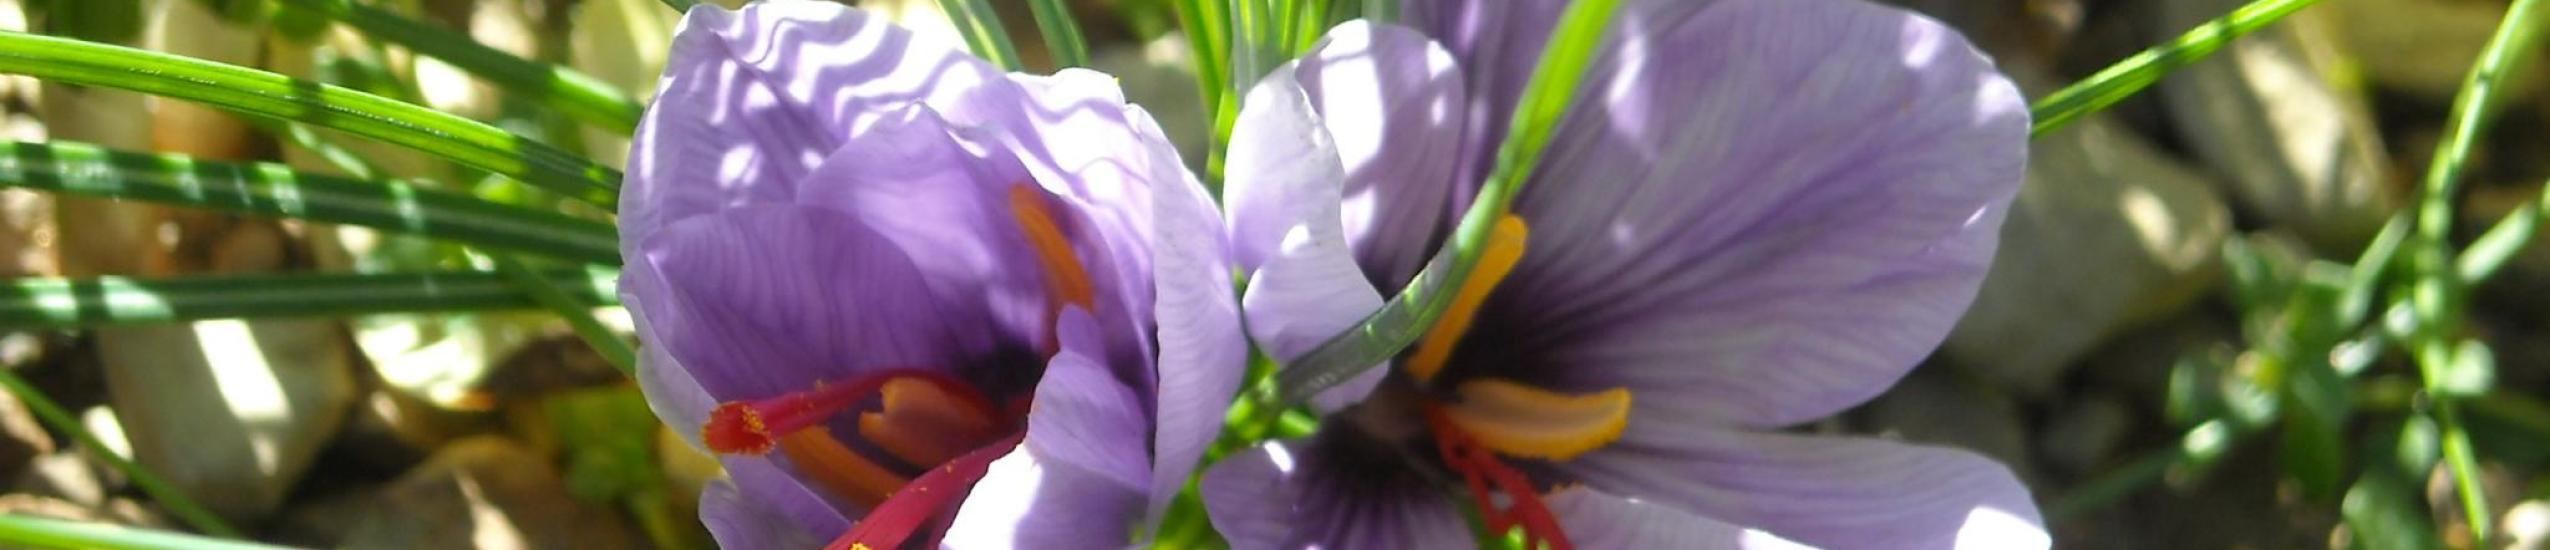 Il fiore dello zafferano